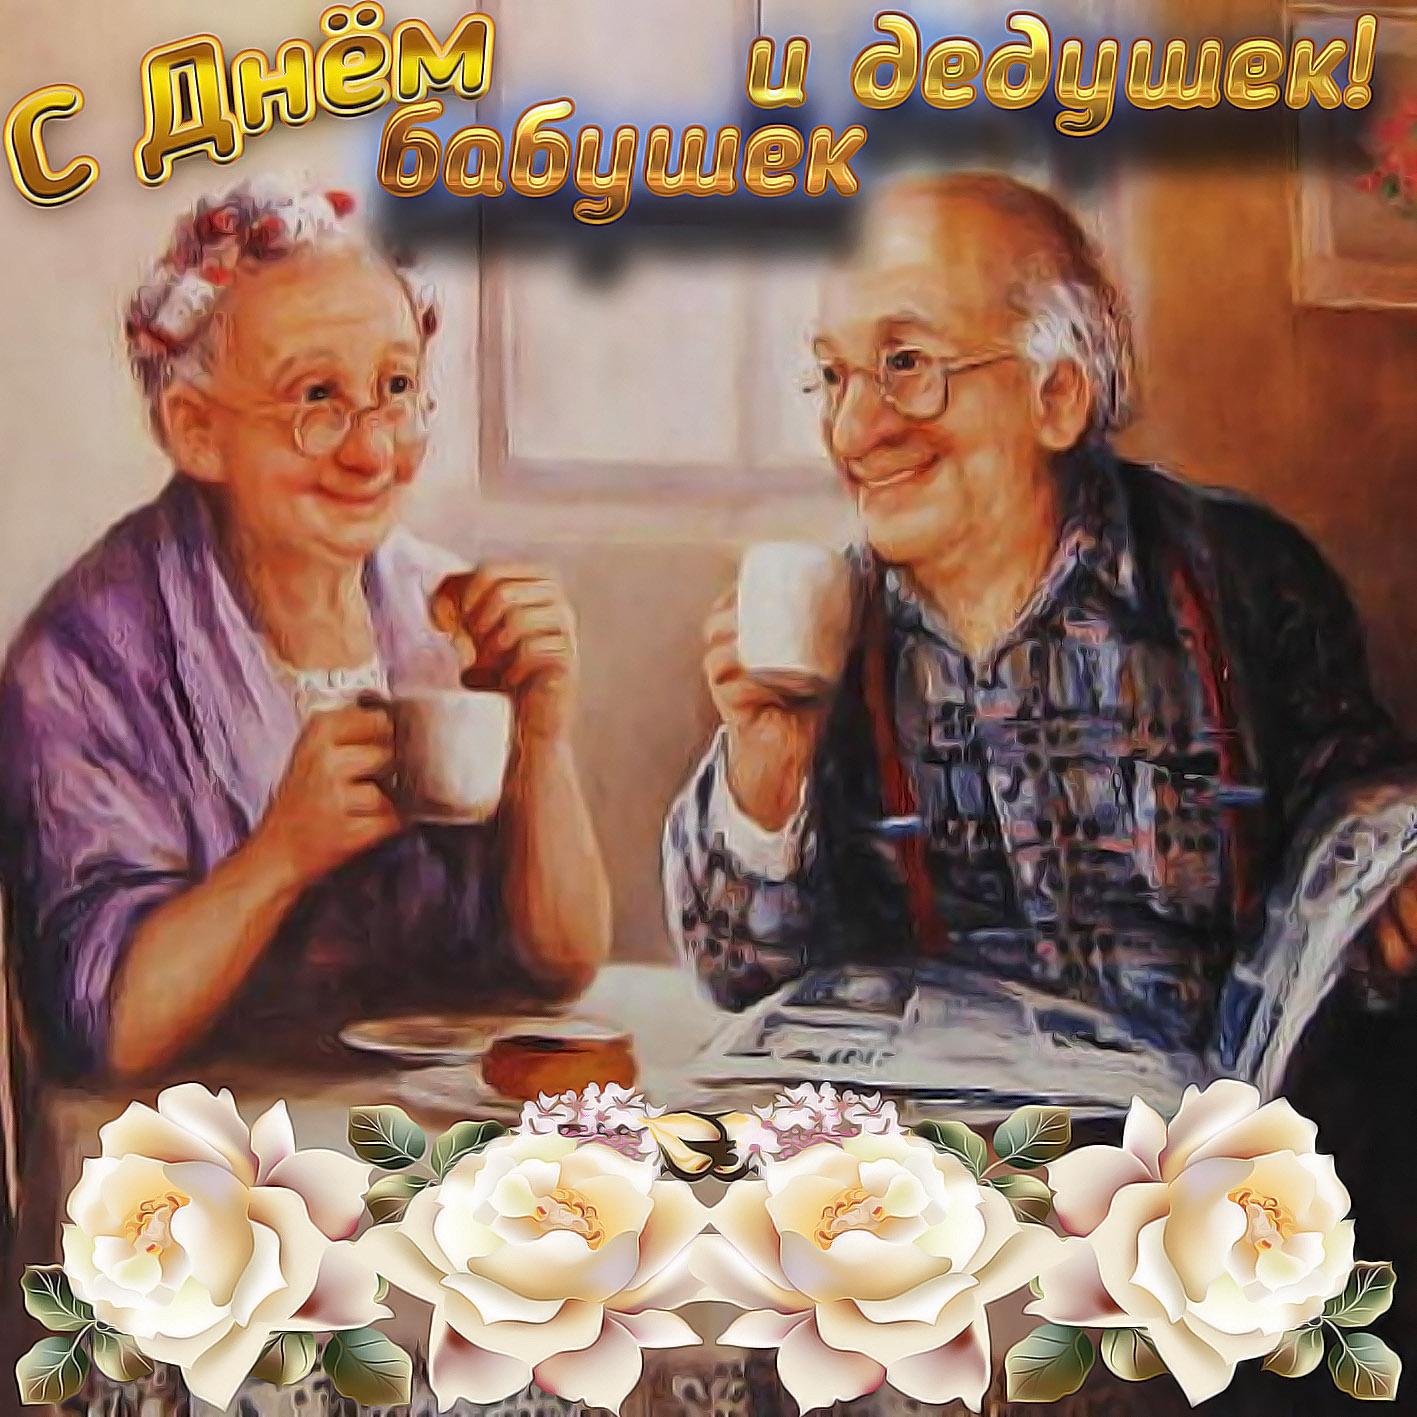 Картинка с цветами и пожилой парой на День бабушек и дедушек